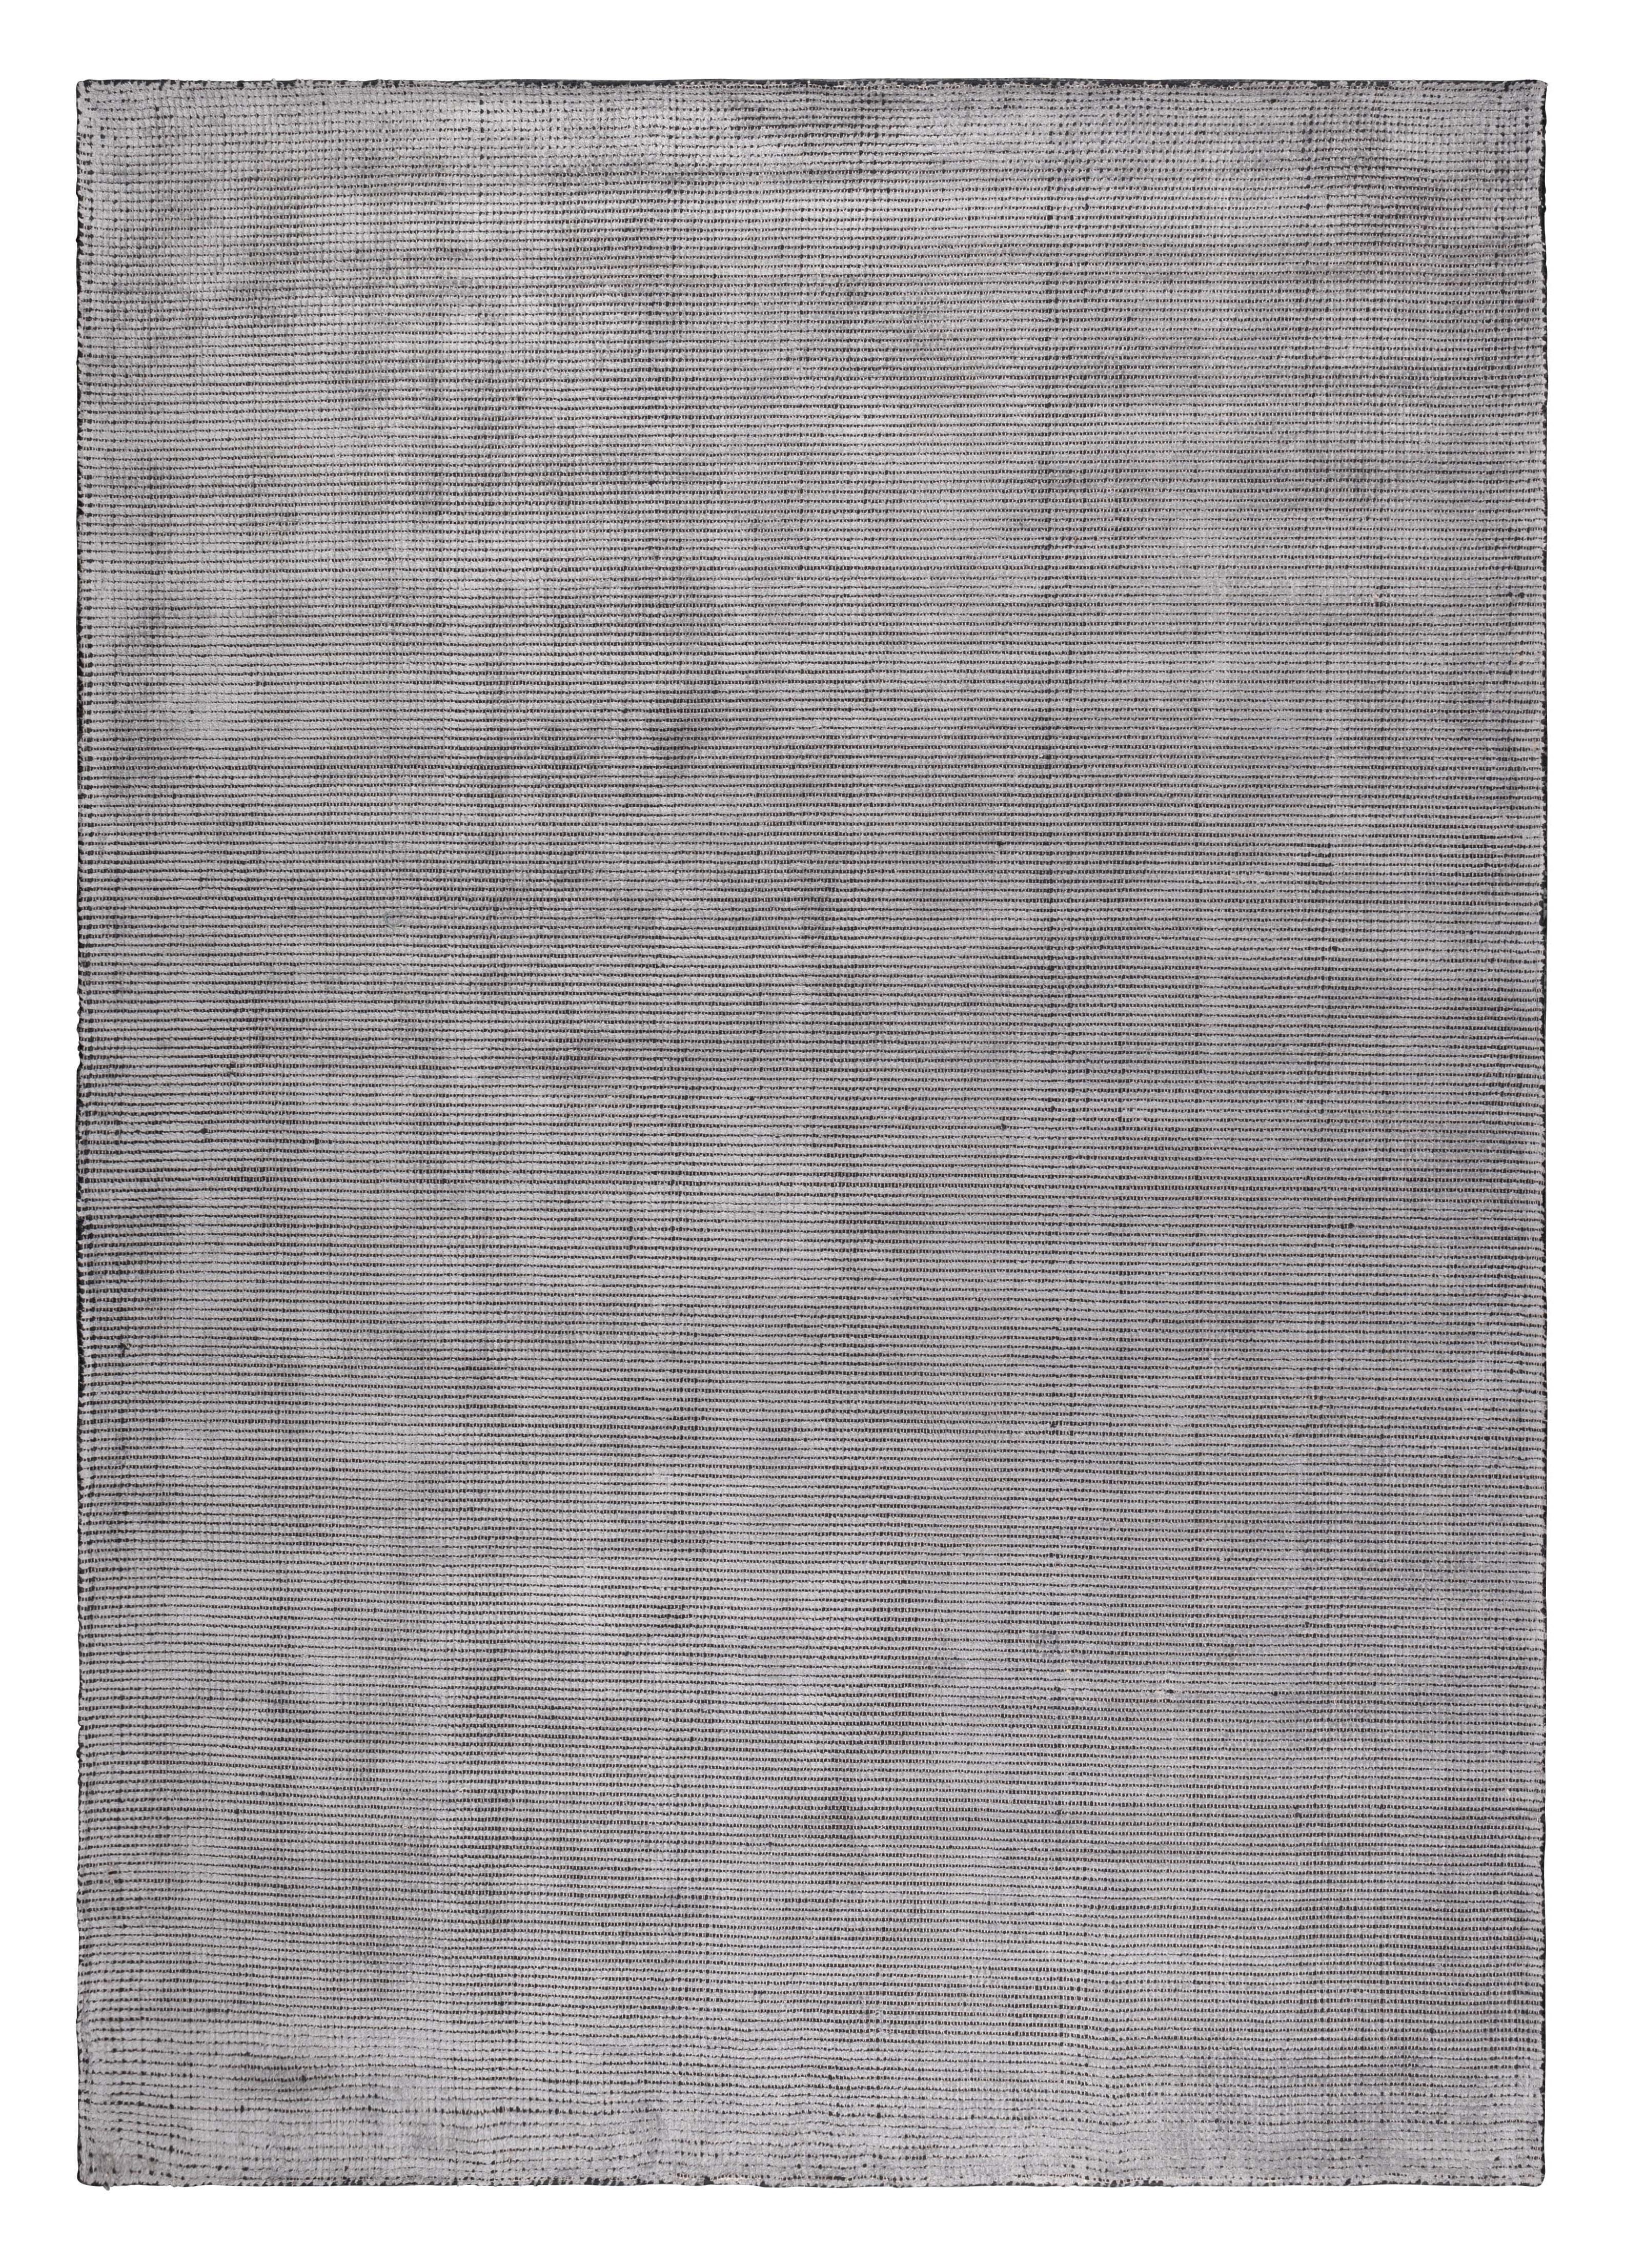 Vloerkleed 'Rymer' 170 x 240cm, kleur staalgrijs 60% viscose, 40% polyester aanschaffen? Kijk hier!